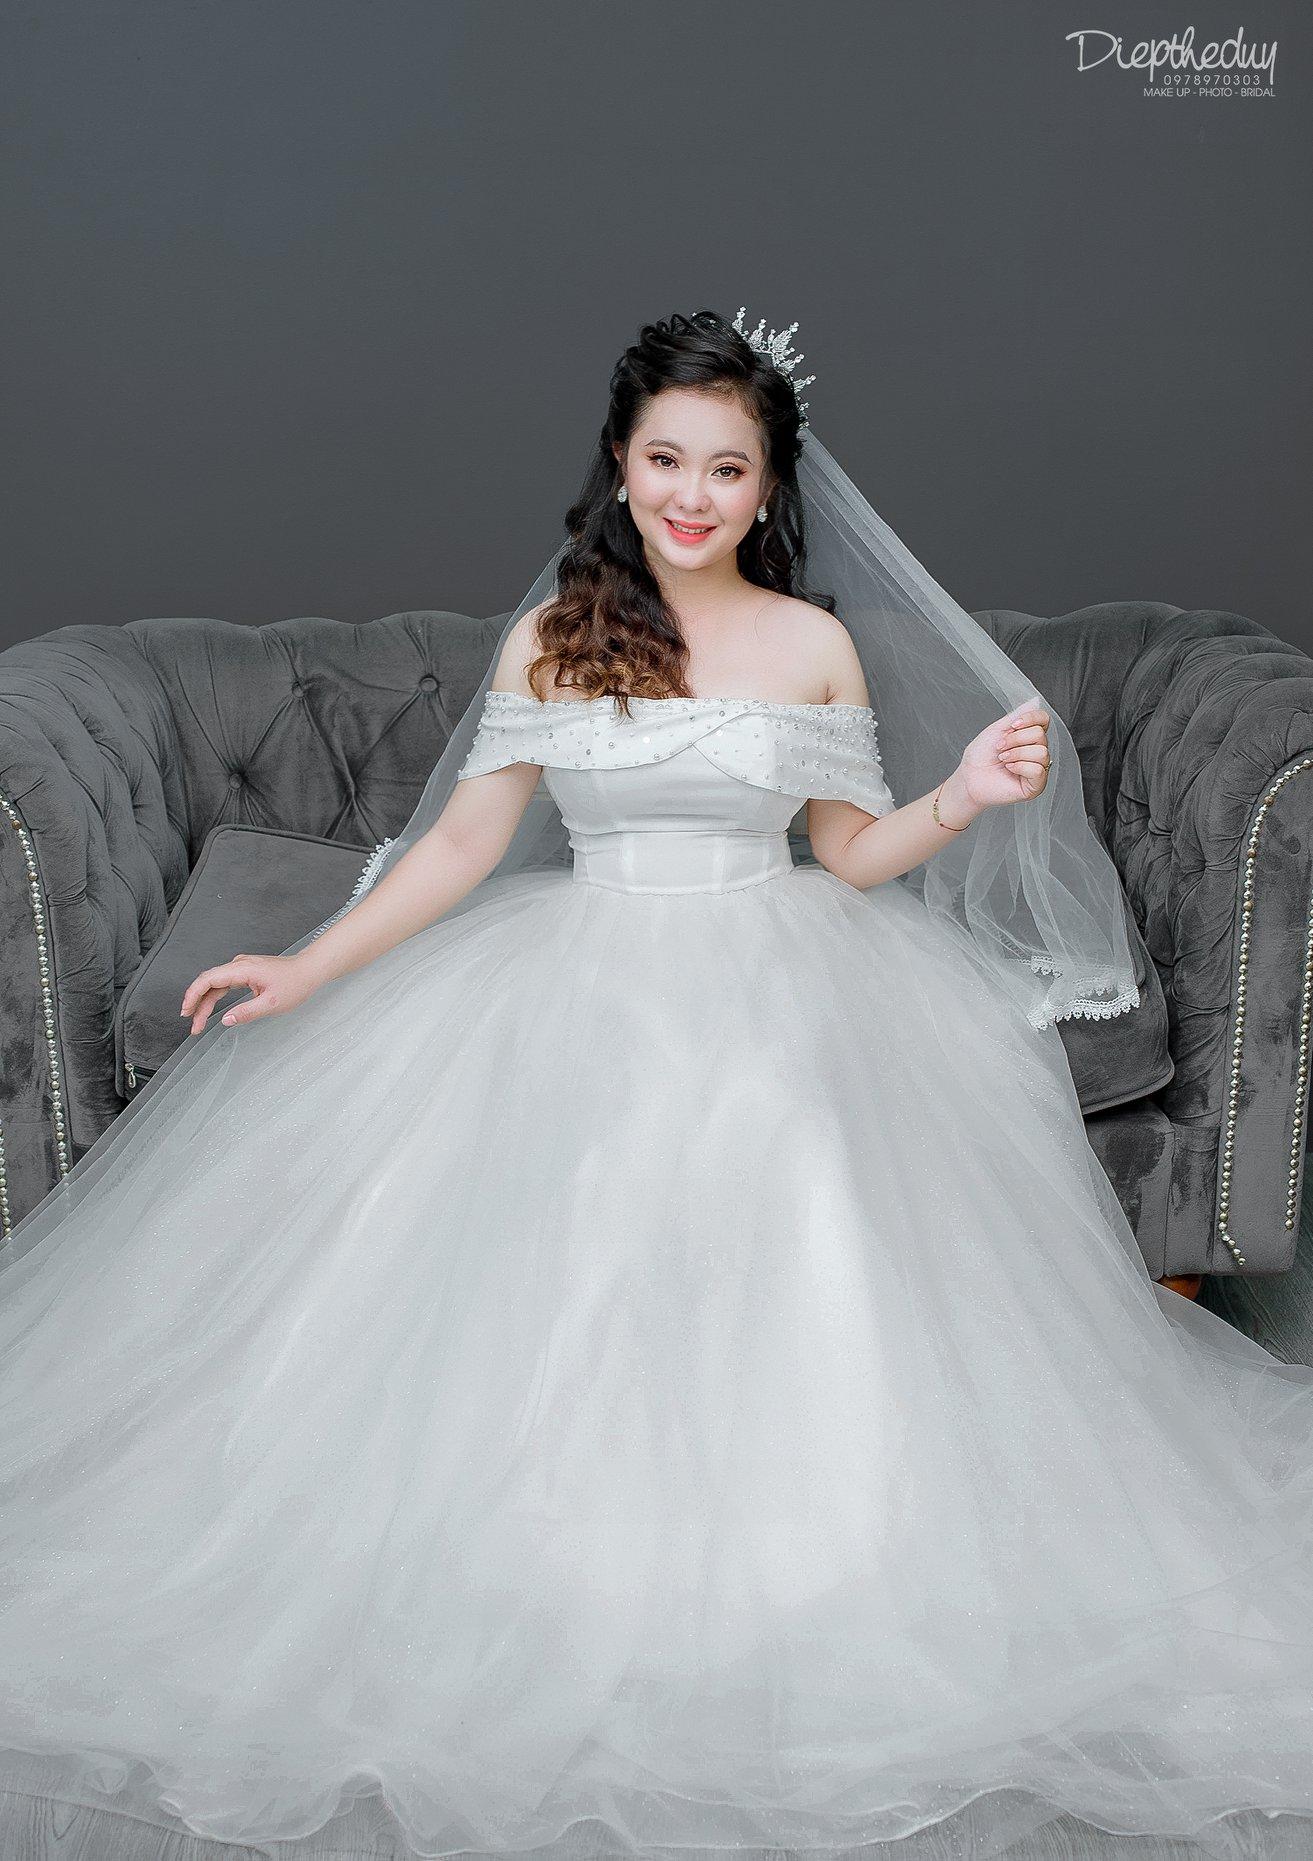 Top 7 tiệm trang điểm cô dâu đẹp nhất tại Trà Vinh -  Diệp Thế Duy Bridal